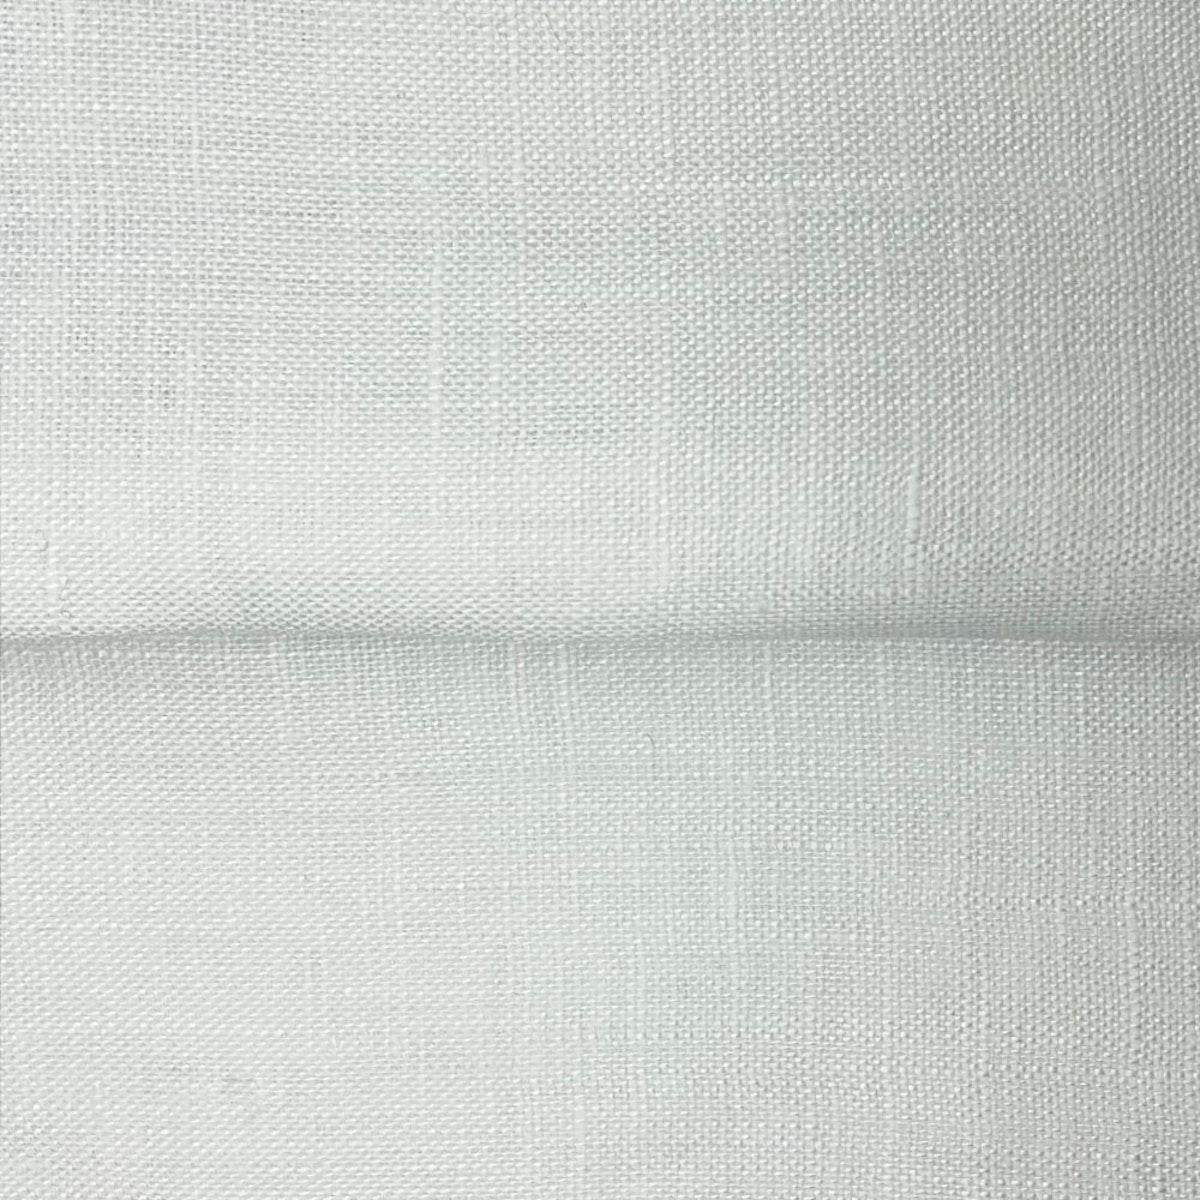 InStitchu Shirt Fabric 191